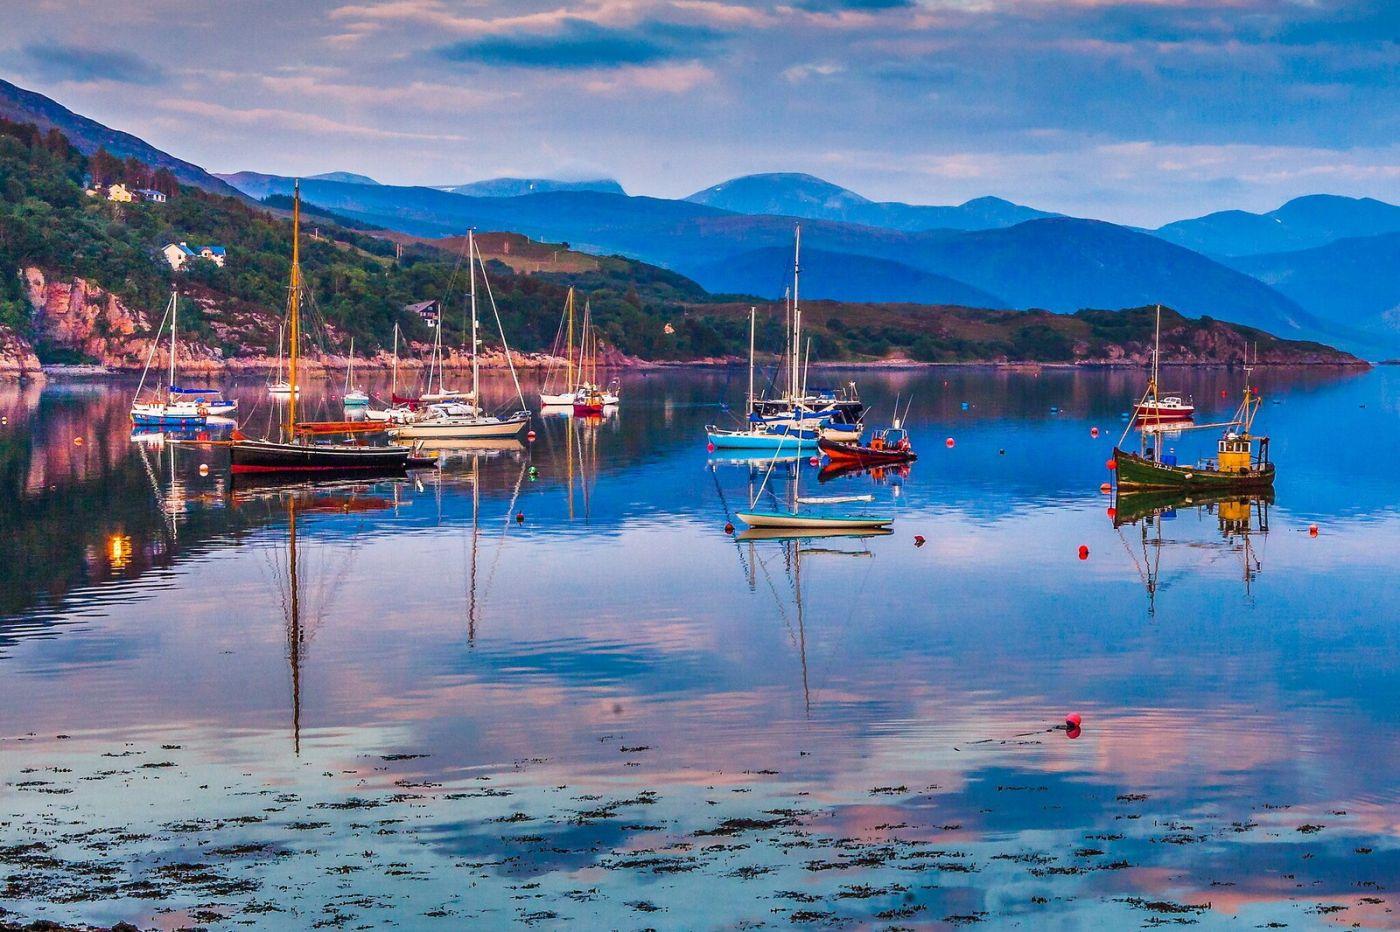 苏格兰阿勒浦(Ullapool),如镜的湖面_图1-8